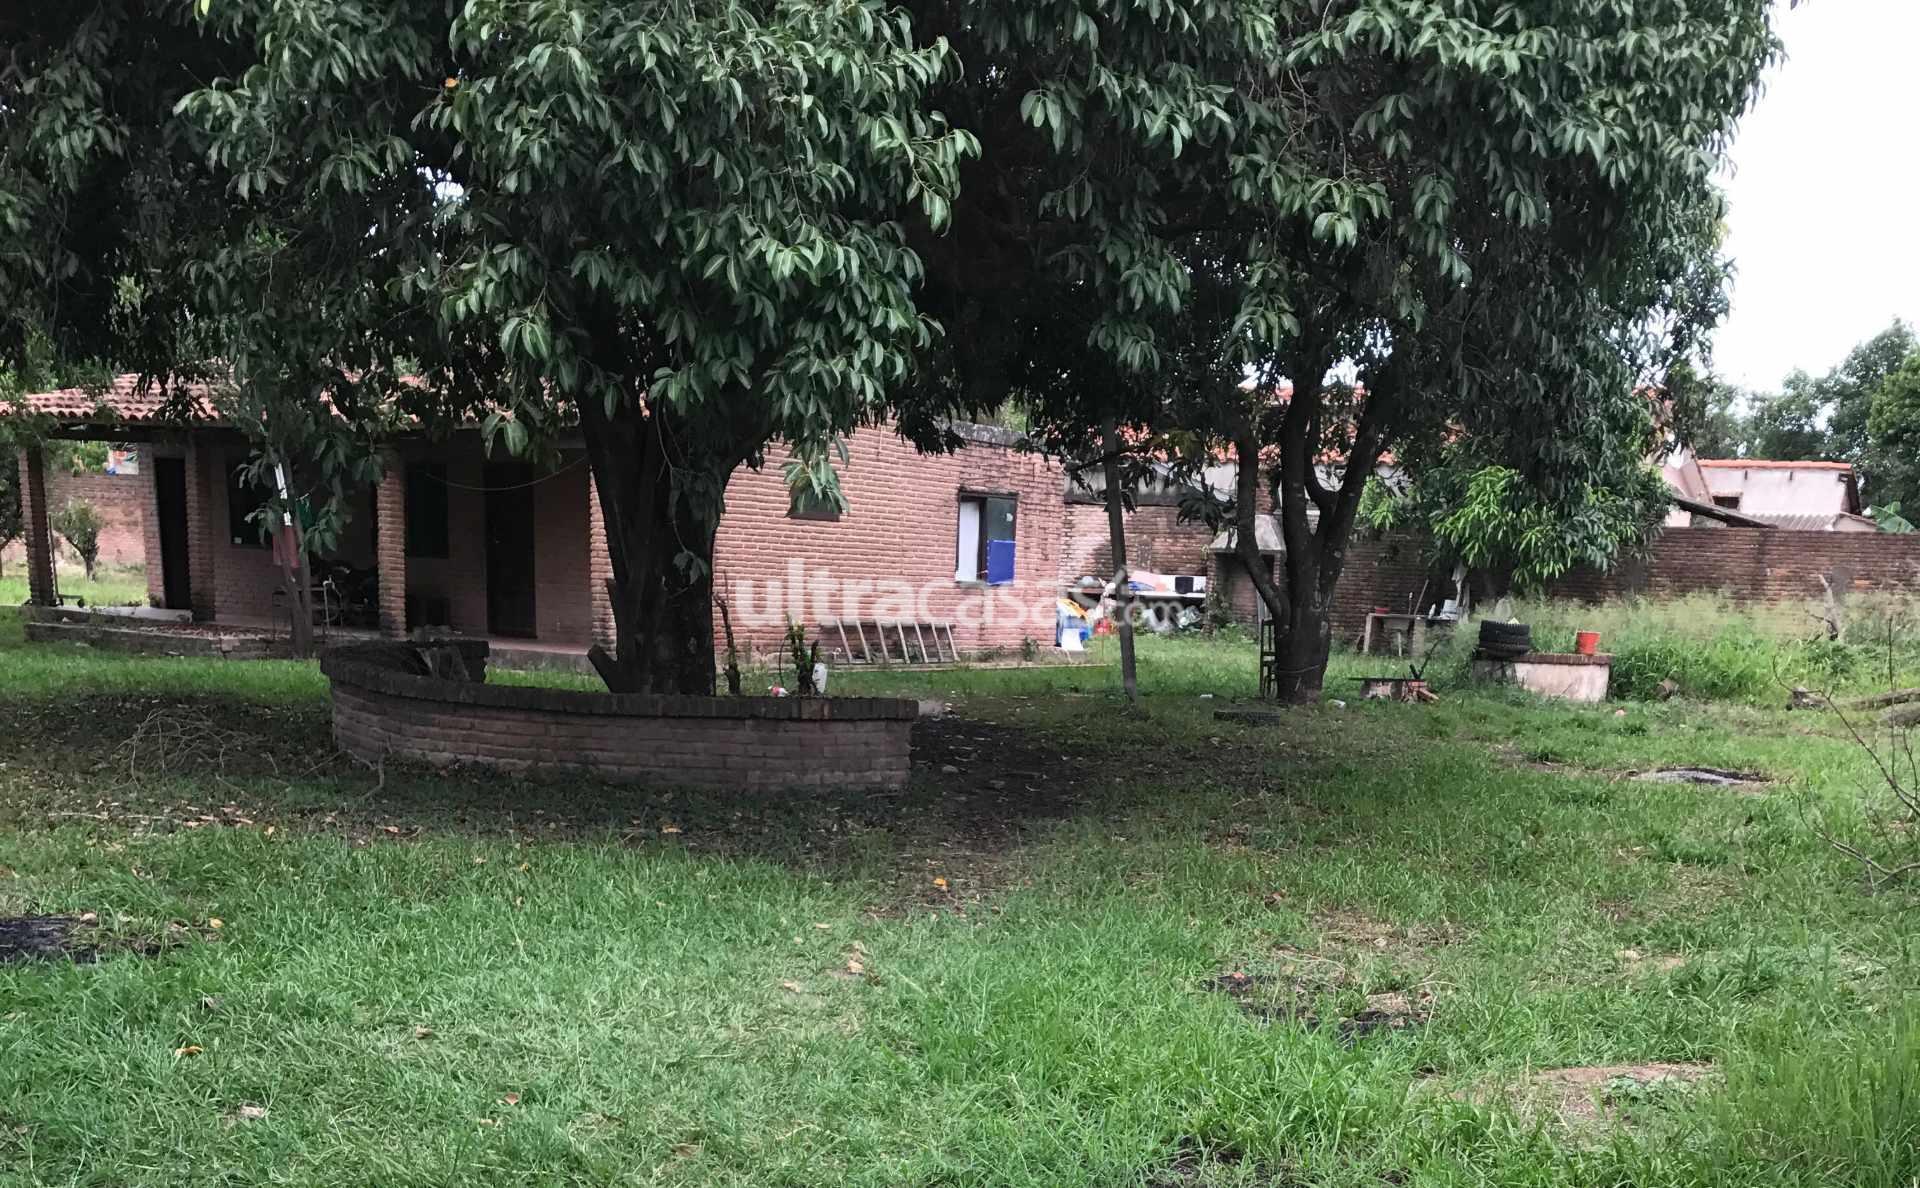 Terreno en Venta NUEVO MERCADO MINORISTA LA RAMADA 6TO anillo, Barrio Calama  Foto 1